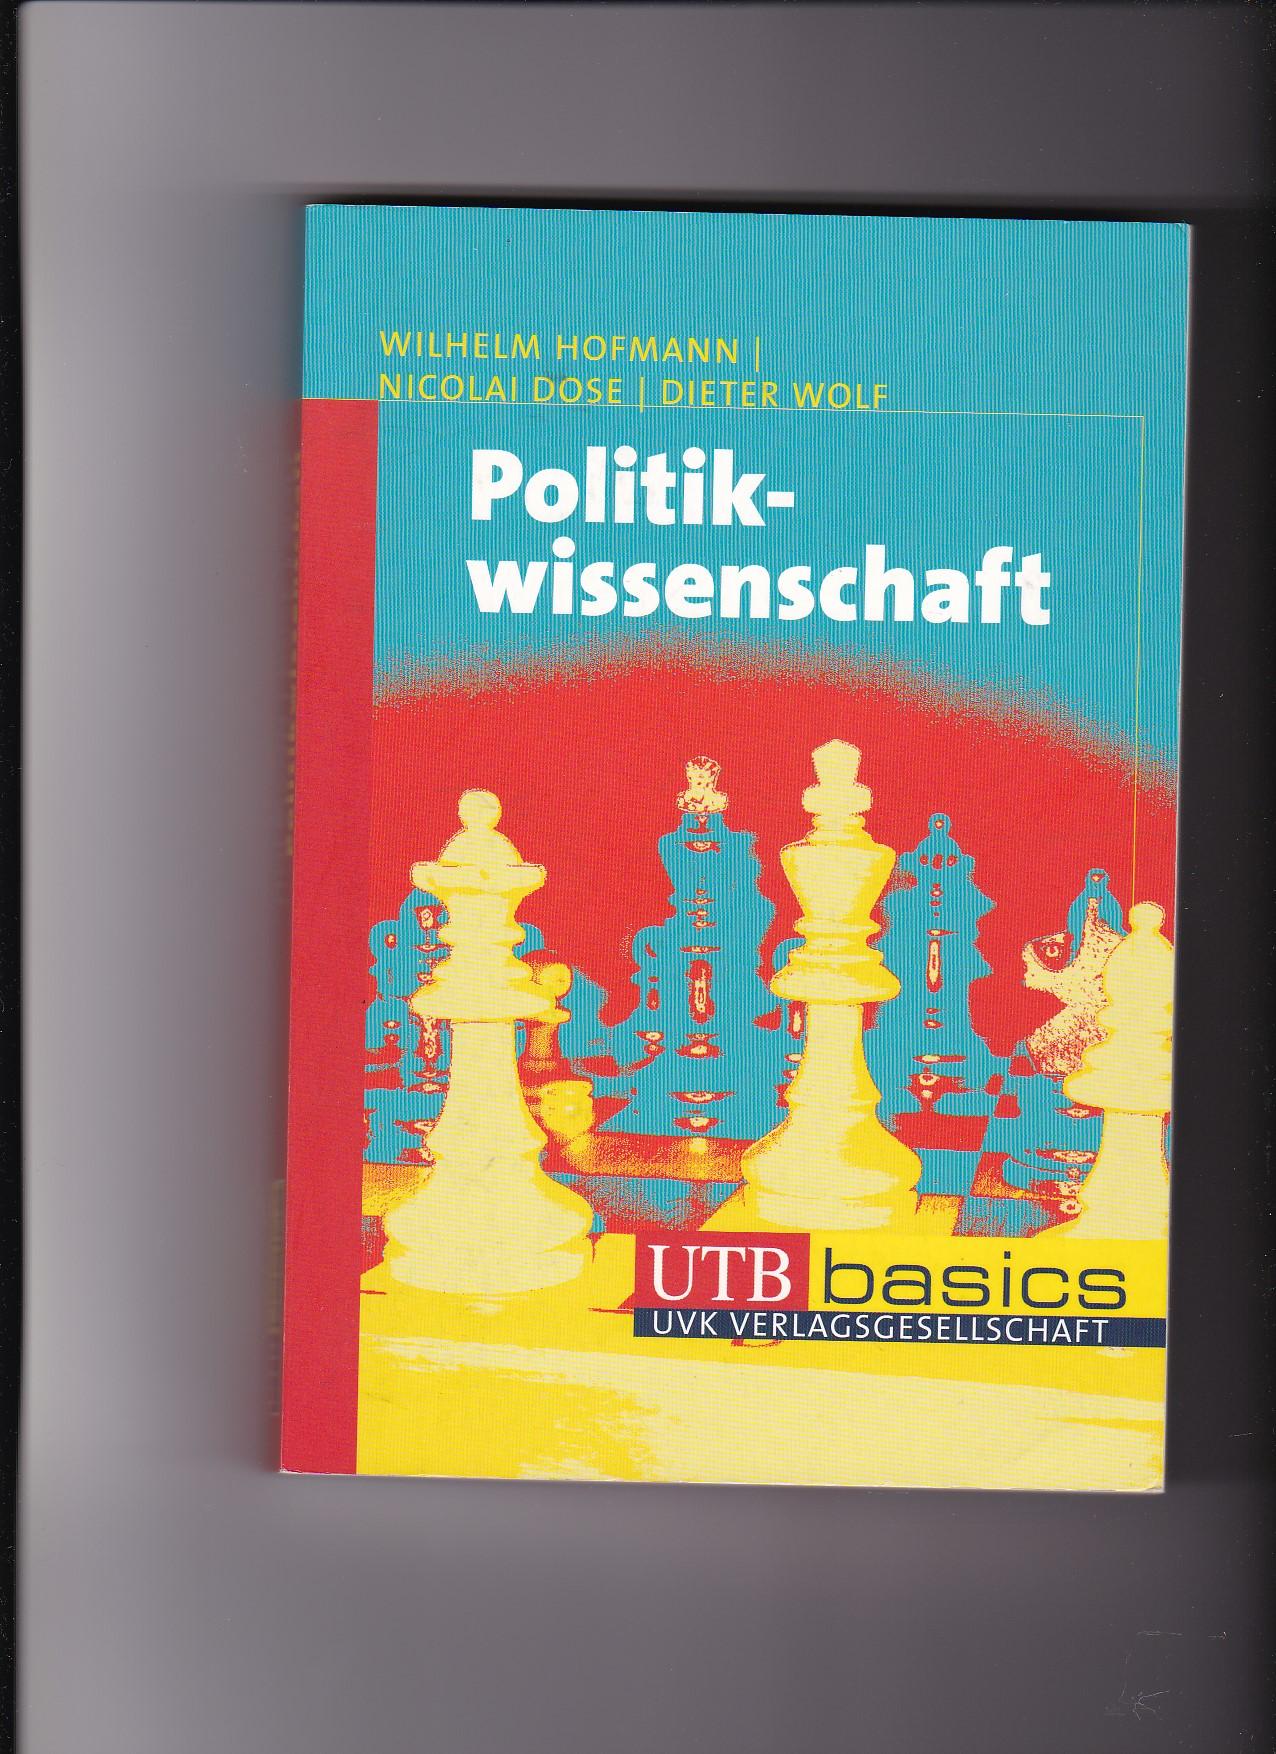 Wilhelm Hofmann, Nicolai Dose, Politikwissenschaft / 1. Auflage - Hofmann, Wilhelm (Verfasser), Nicolai (Verfasser) Dose und Dieter (Verfasser) Wolf